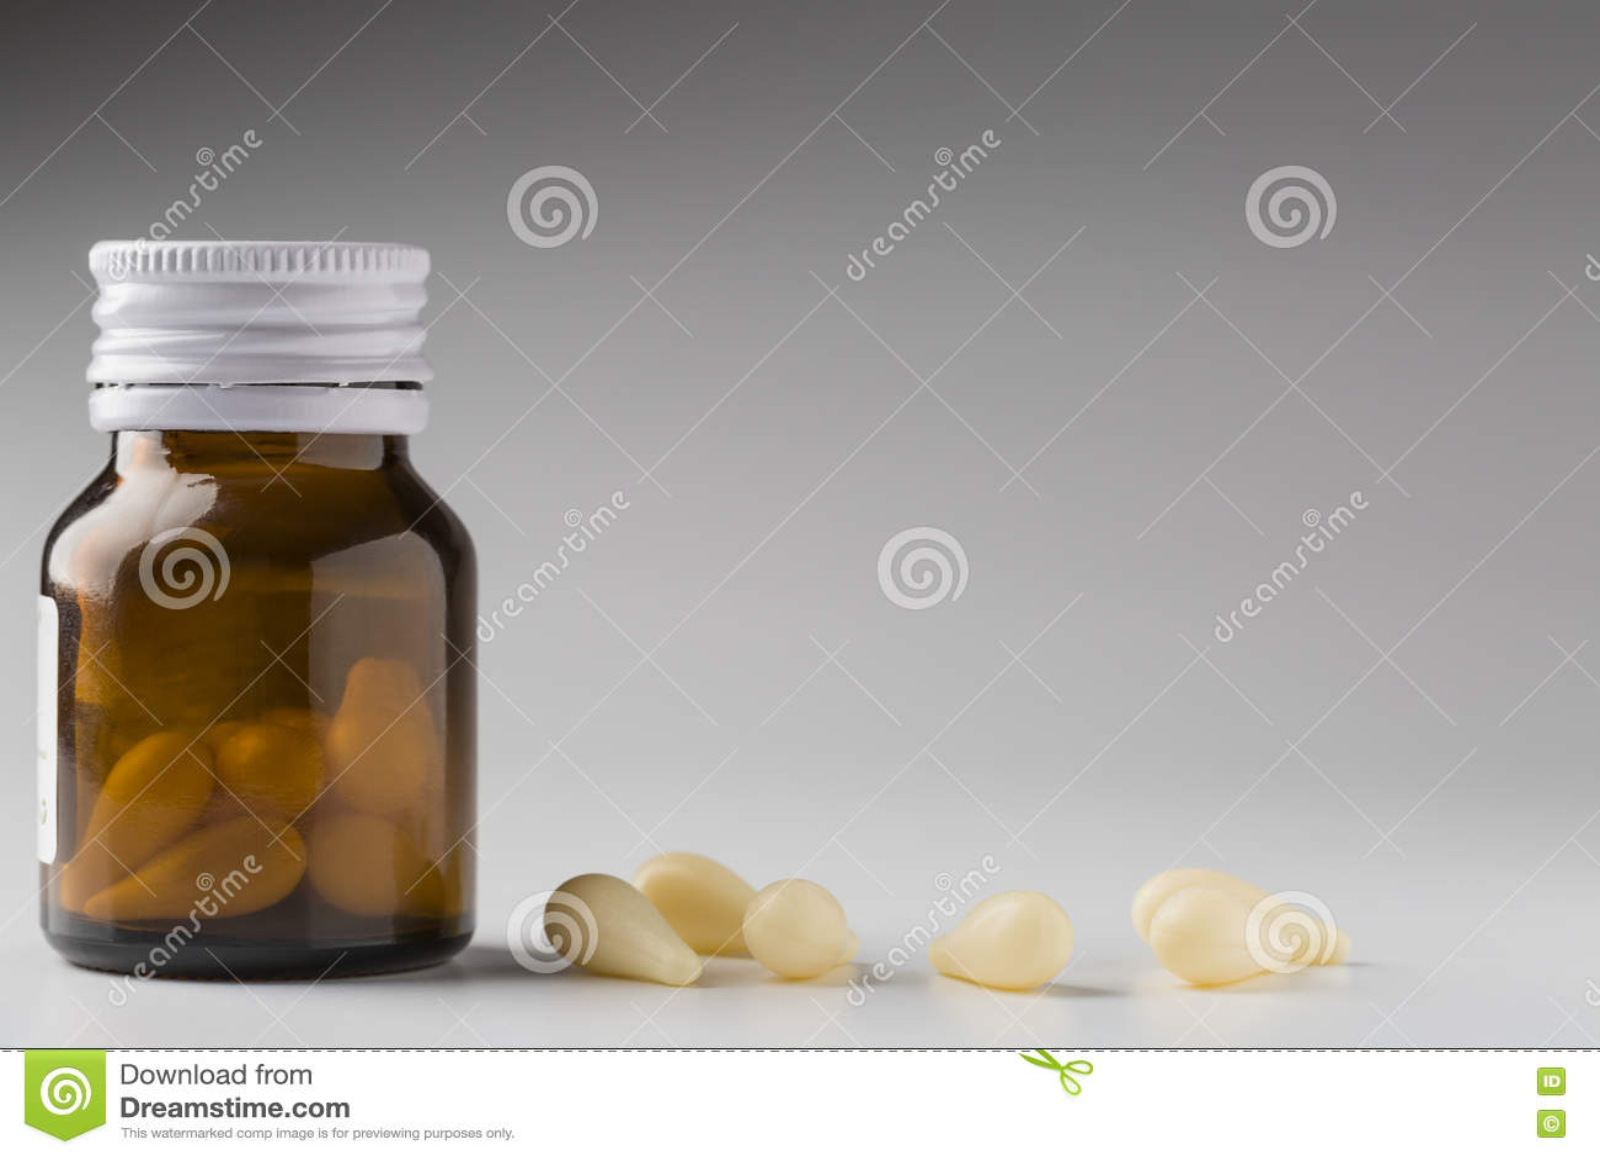 mely tablettákat kell inni a prosztatitisből hogyan lehet legyőzni a prosztatagyulladást